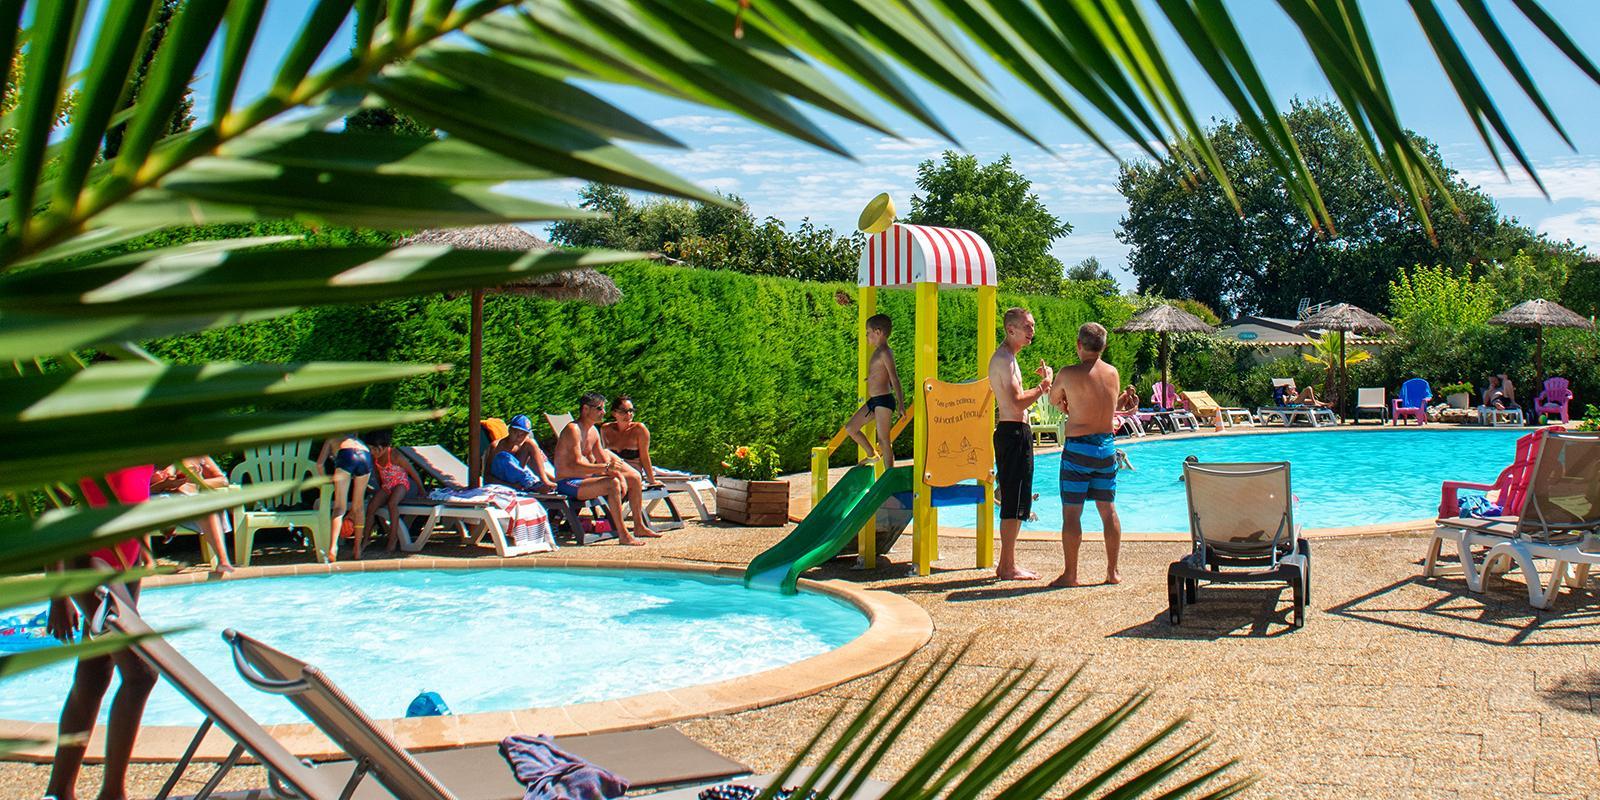 Camping 3 Étoiles À Six Fours Dans Le Var - Camping Orly D' Azur destiné Camping Bandol Avec Piscine